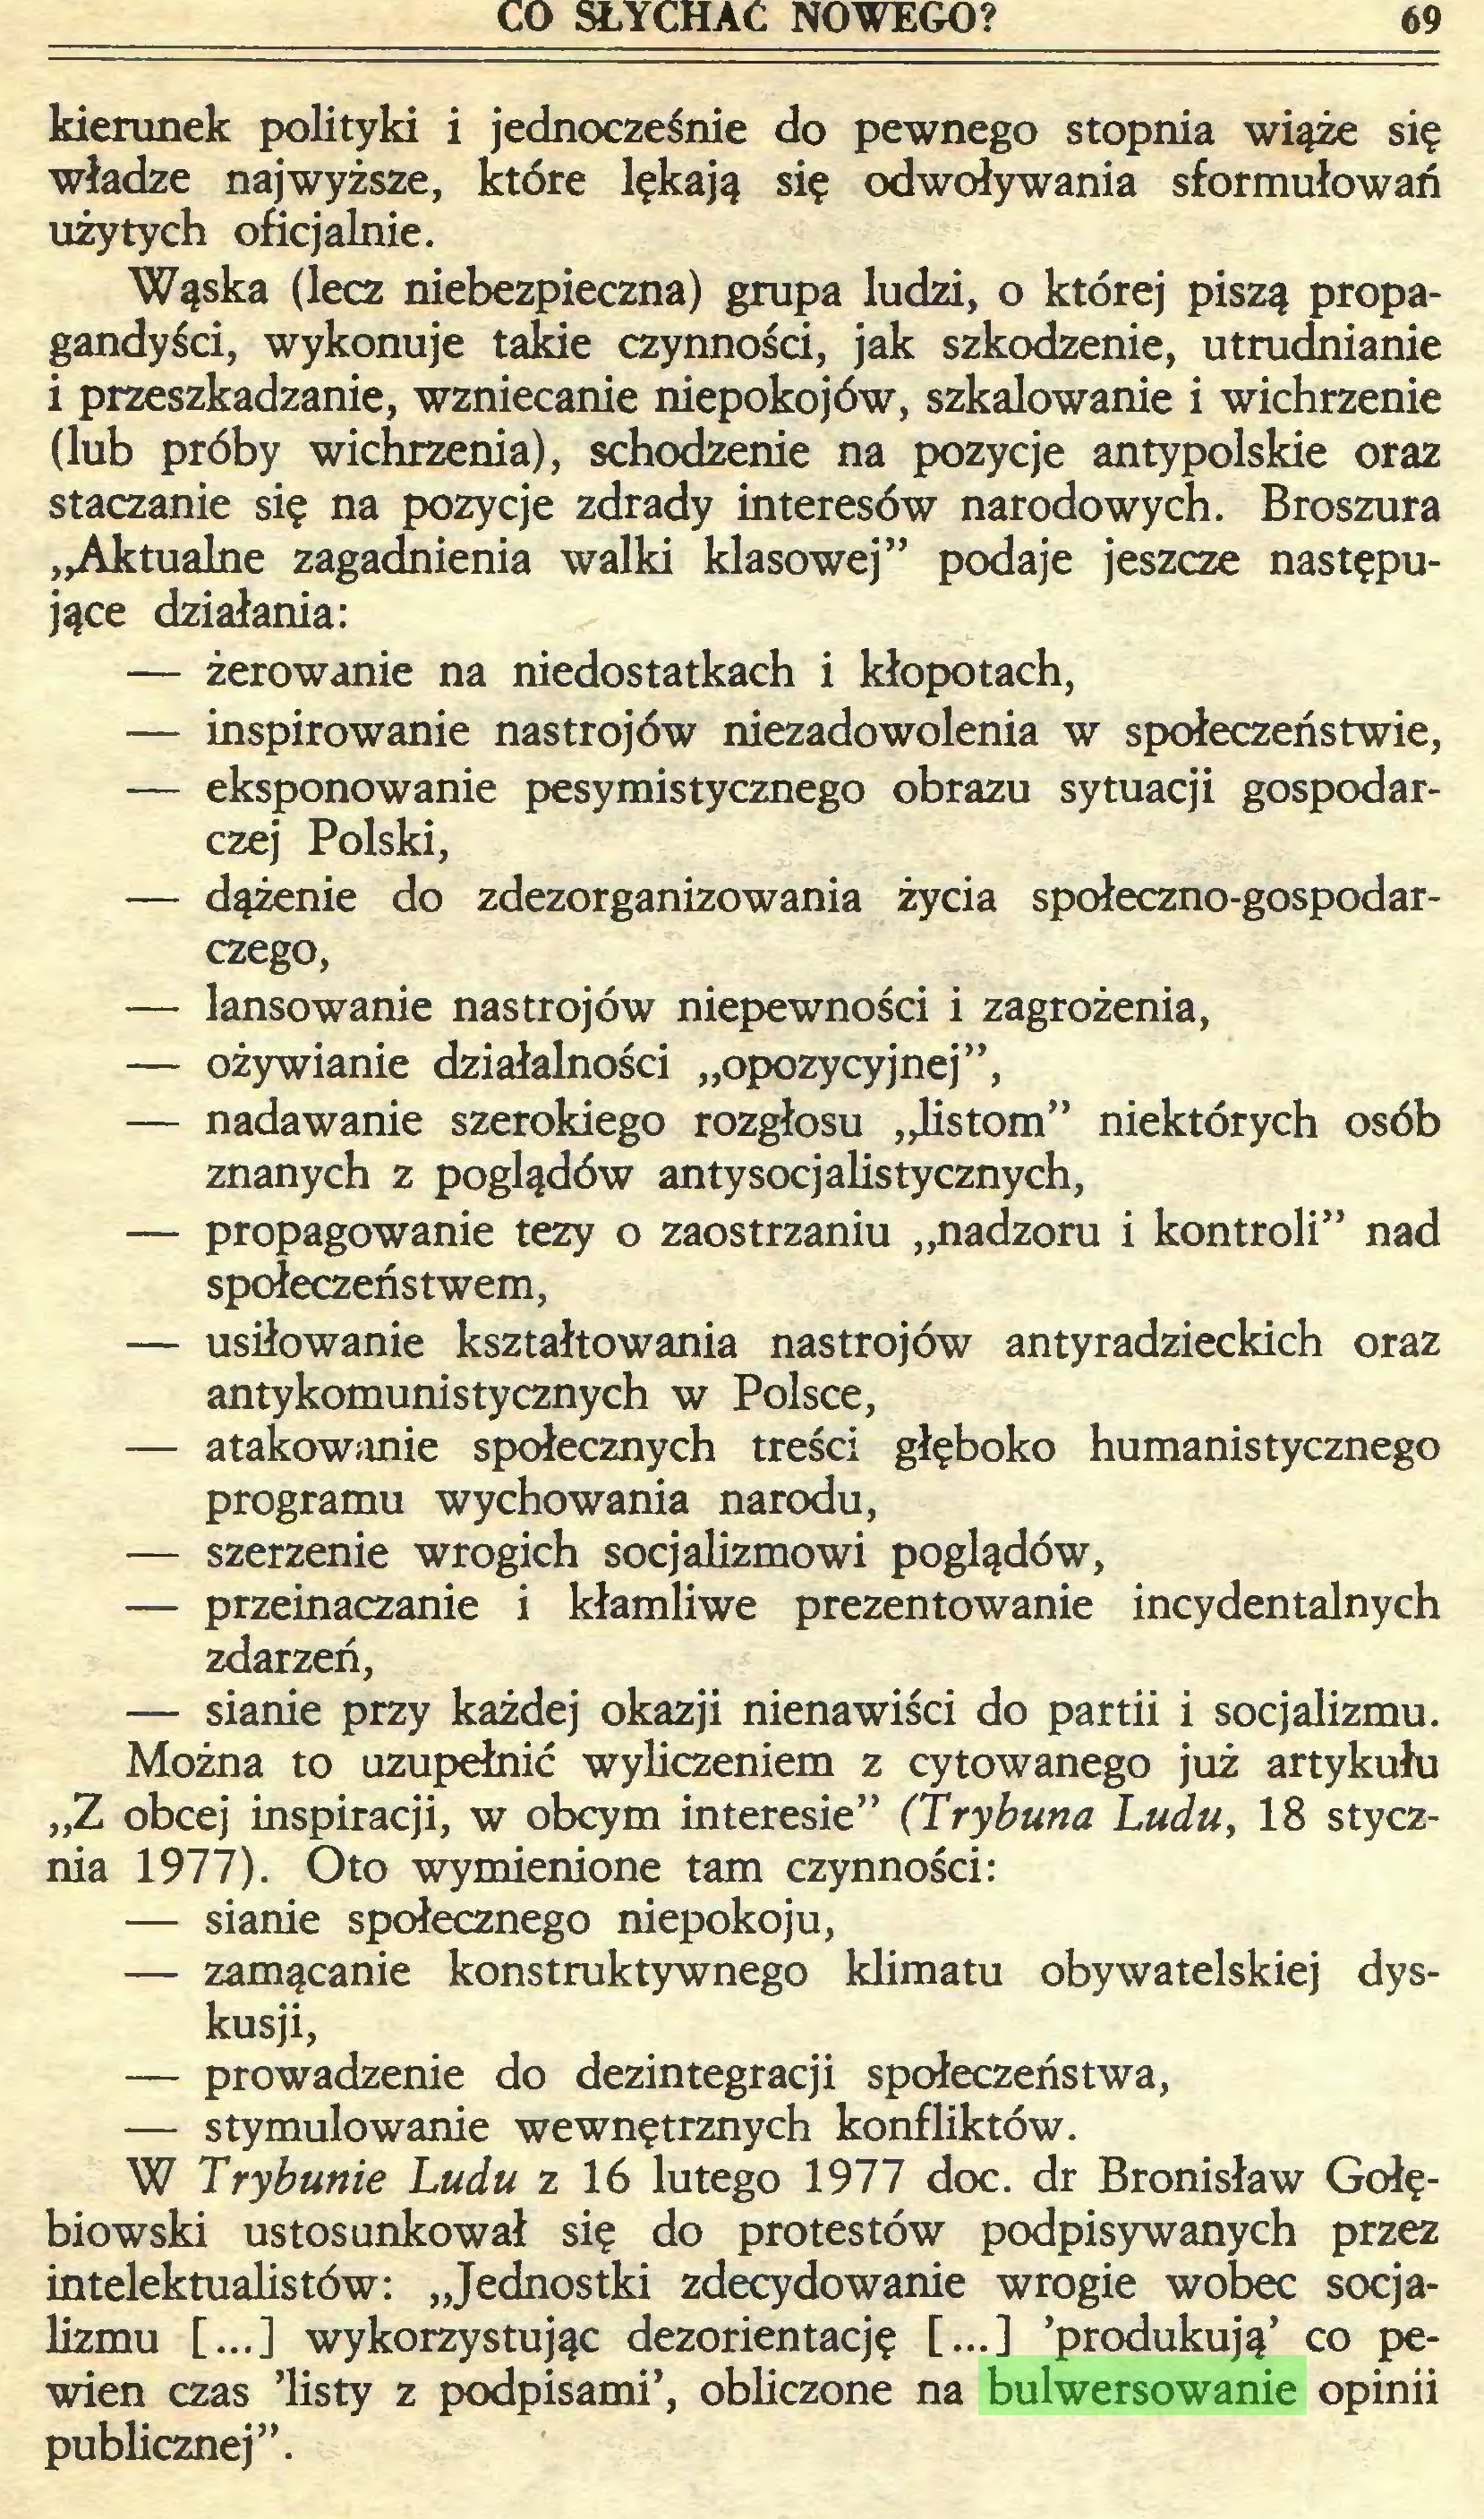 """(...) W Trybunie Ludu z 16 lutego 1977 doc. dr Bronisław Gołębiowski ustosunkował się do protestów podpisywanych przez intelektualistów: """"Jednostki zdecydowanie wrogie wobec socjalizmu [...] wykorzystując dezorientację [...] 'produkują' co pewien czas 'listy z podpisami', obliczone na bulwersowanie opinii publicznej"""". 70 JAN NOWICKI..."""